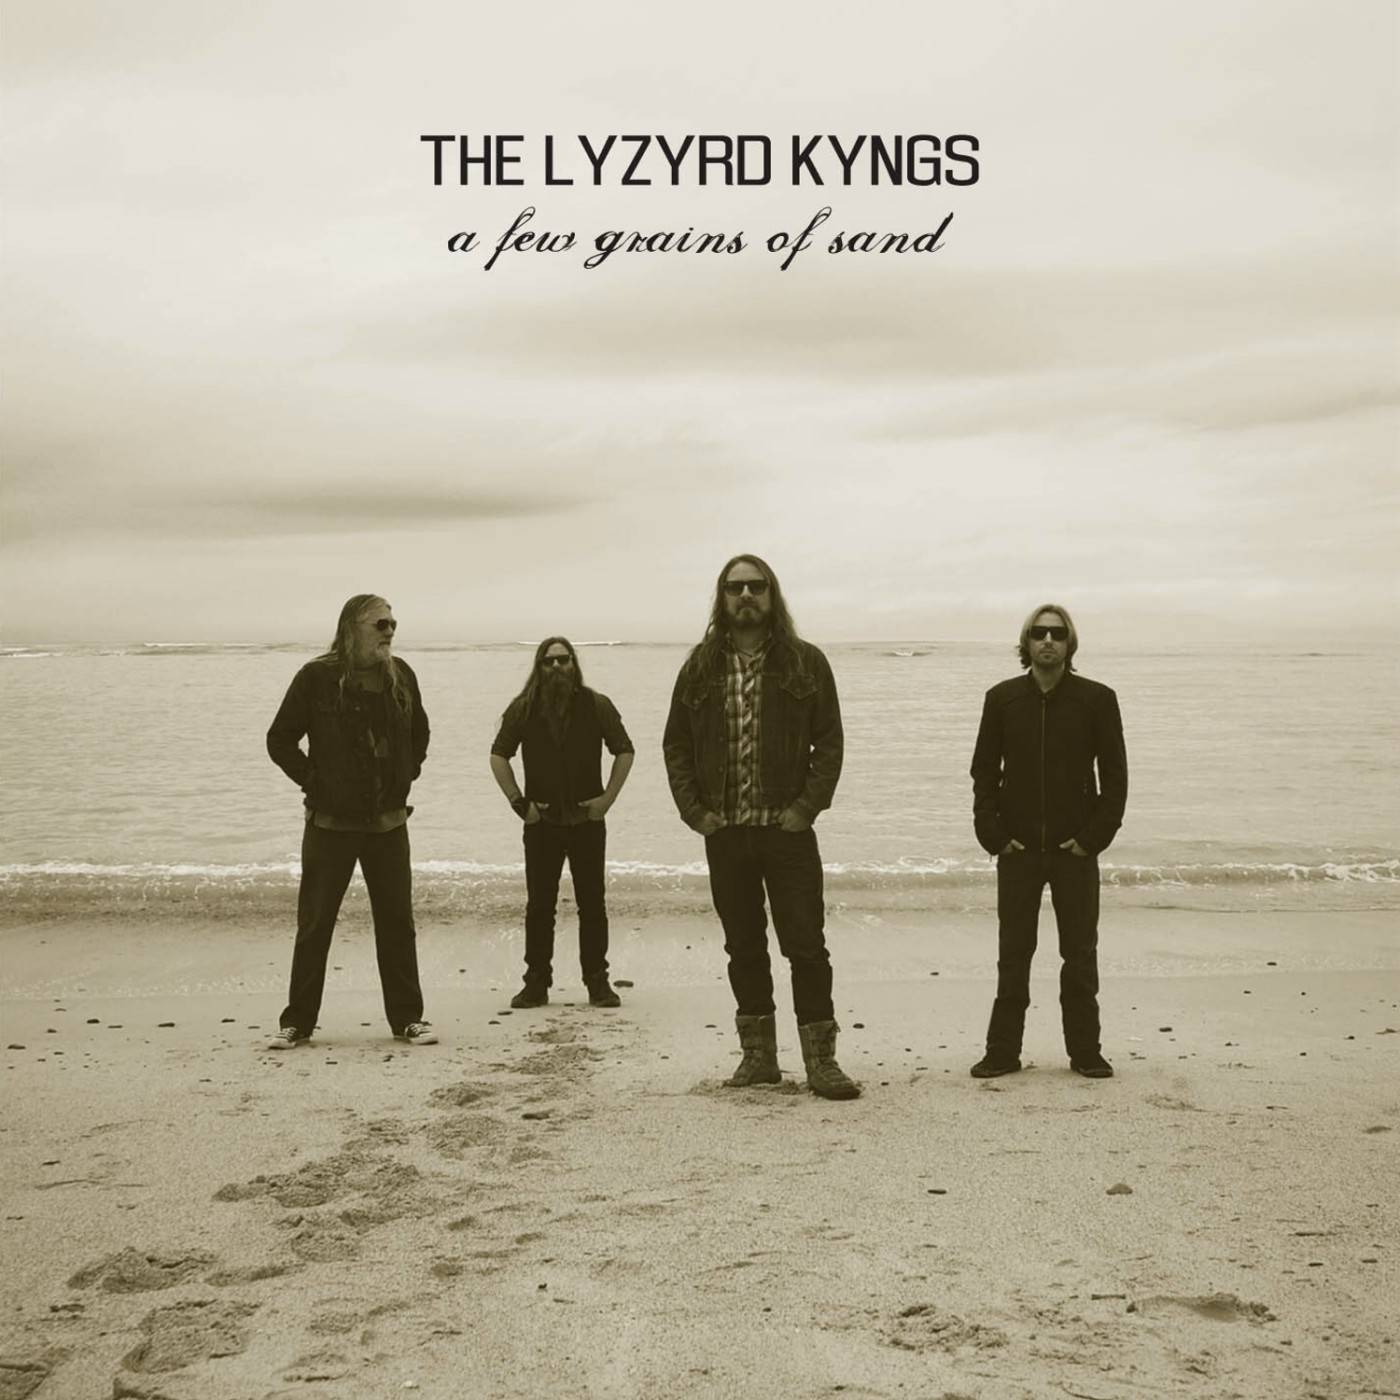 Lyzyrd Kyngs - A Few Grains Of Sand